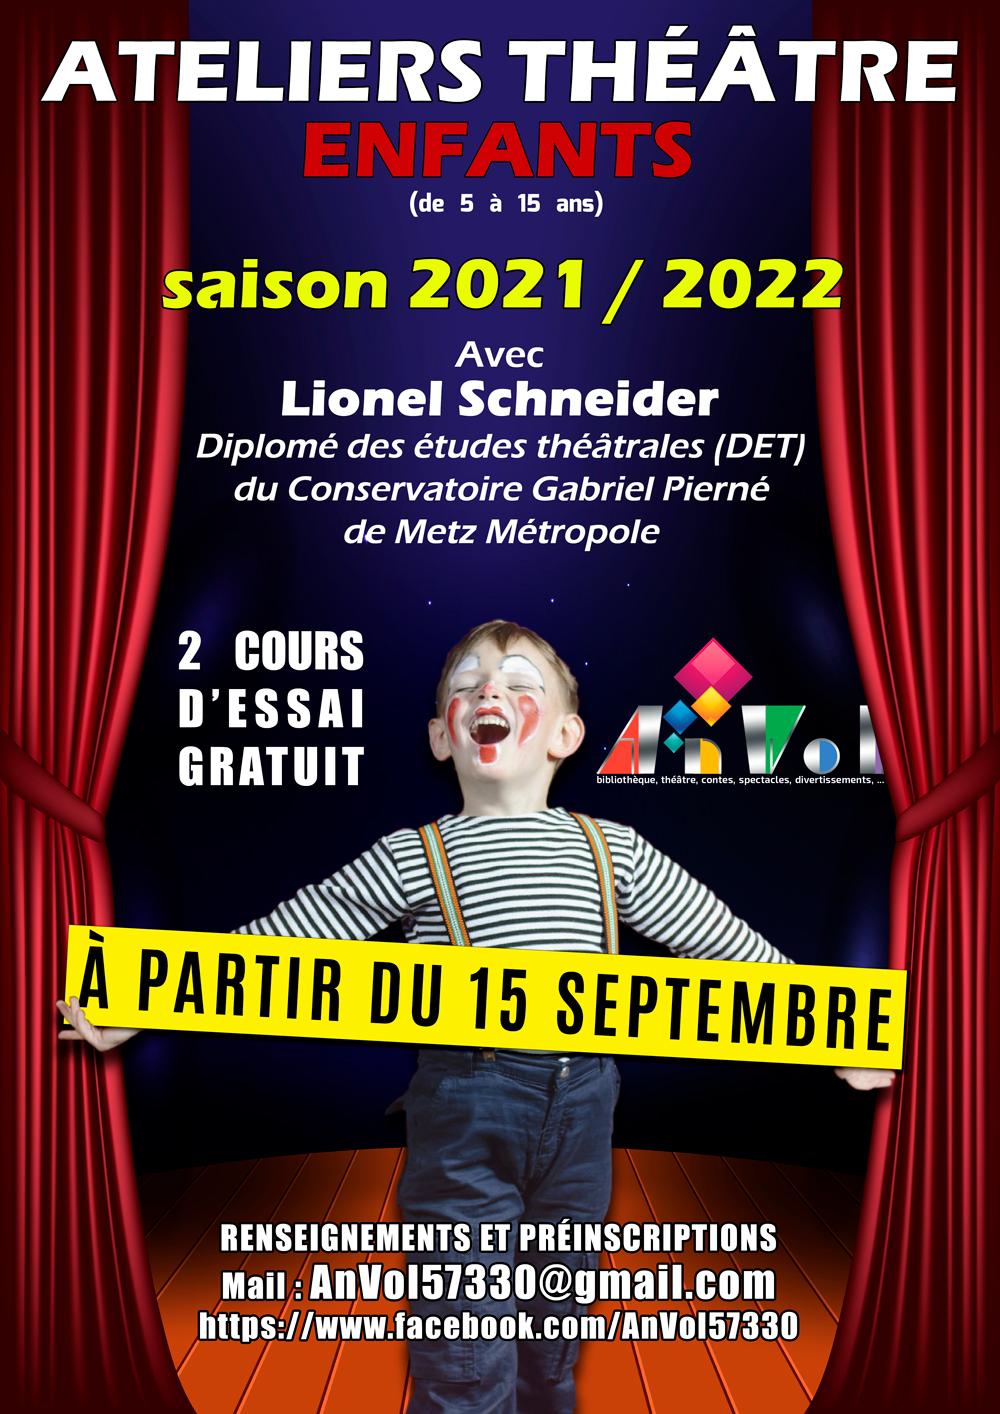 Affiche Ateliers Théâtre Enfants 2021 2022